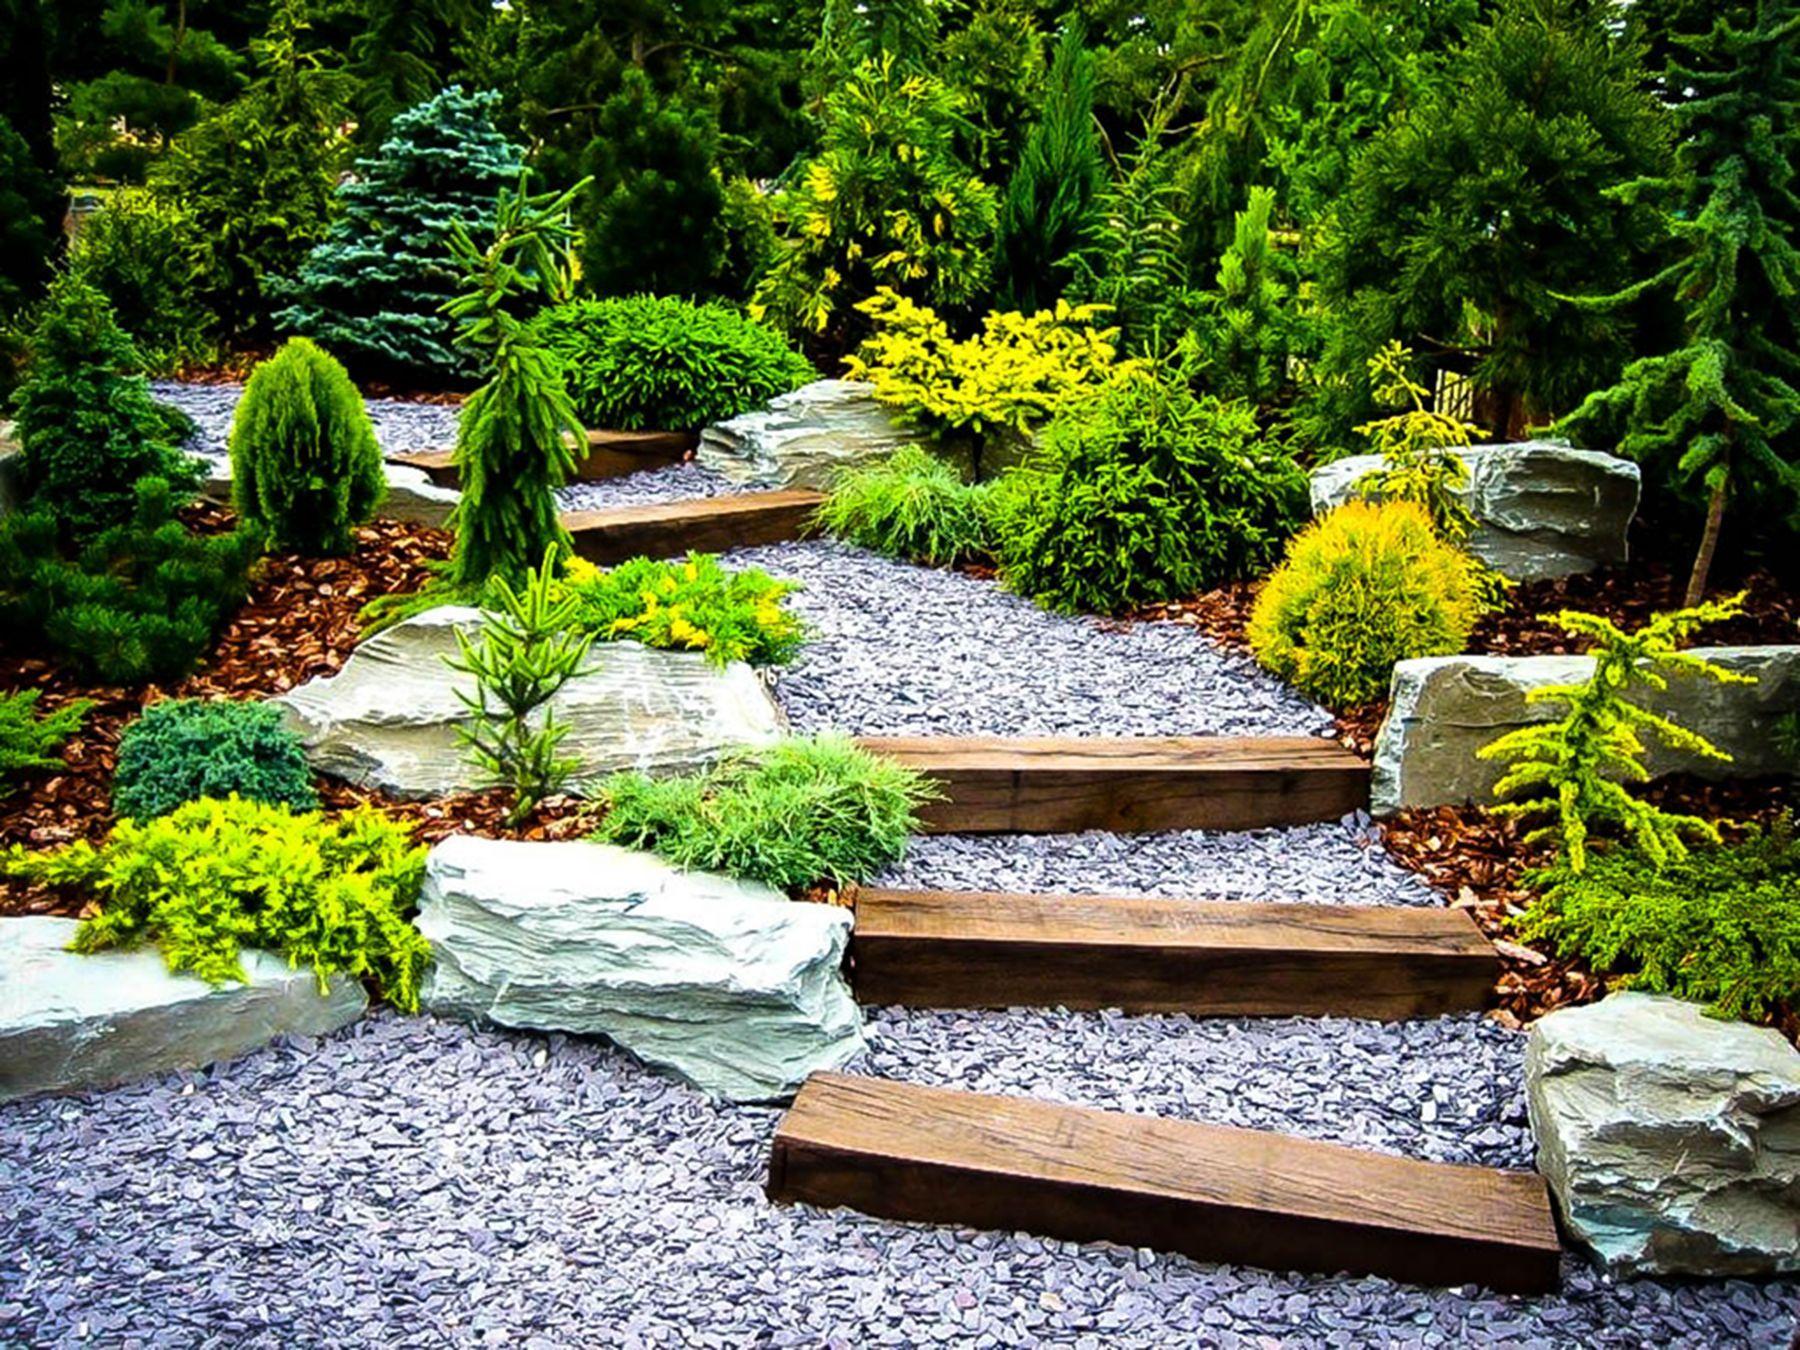 12 Stone Garden Design Ideas For Backyard So Your Home Is More